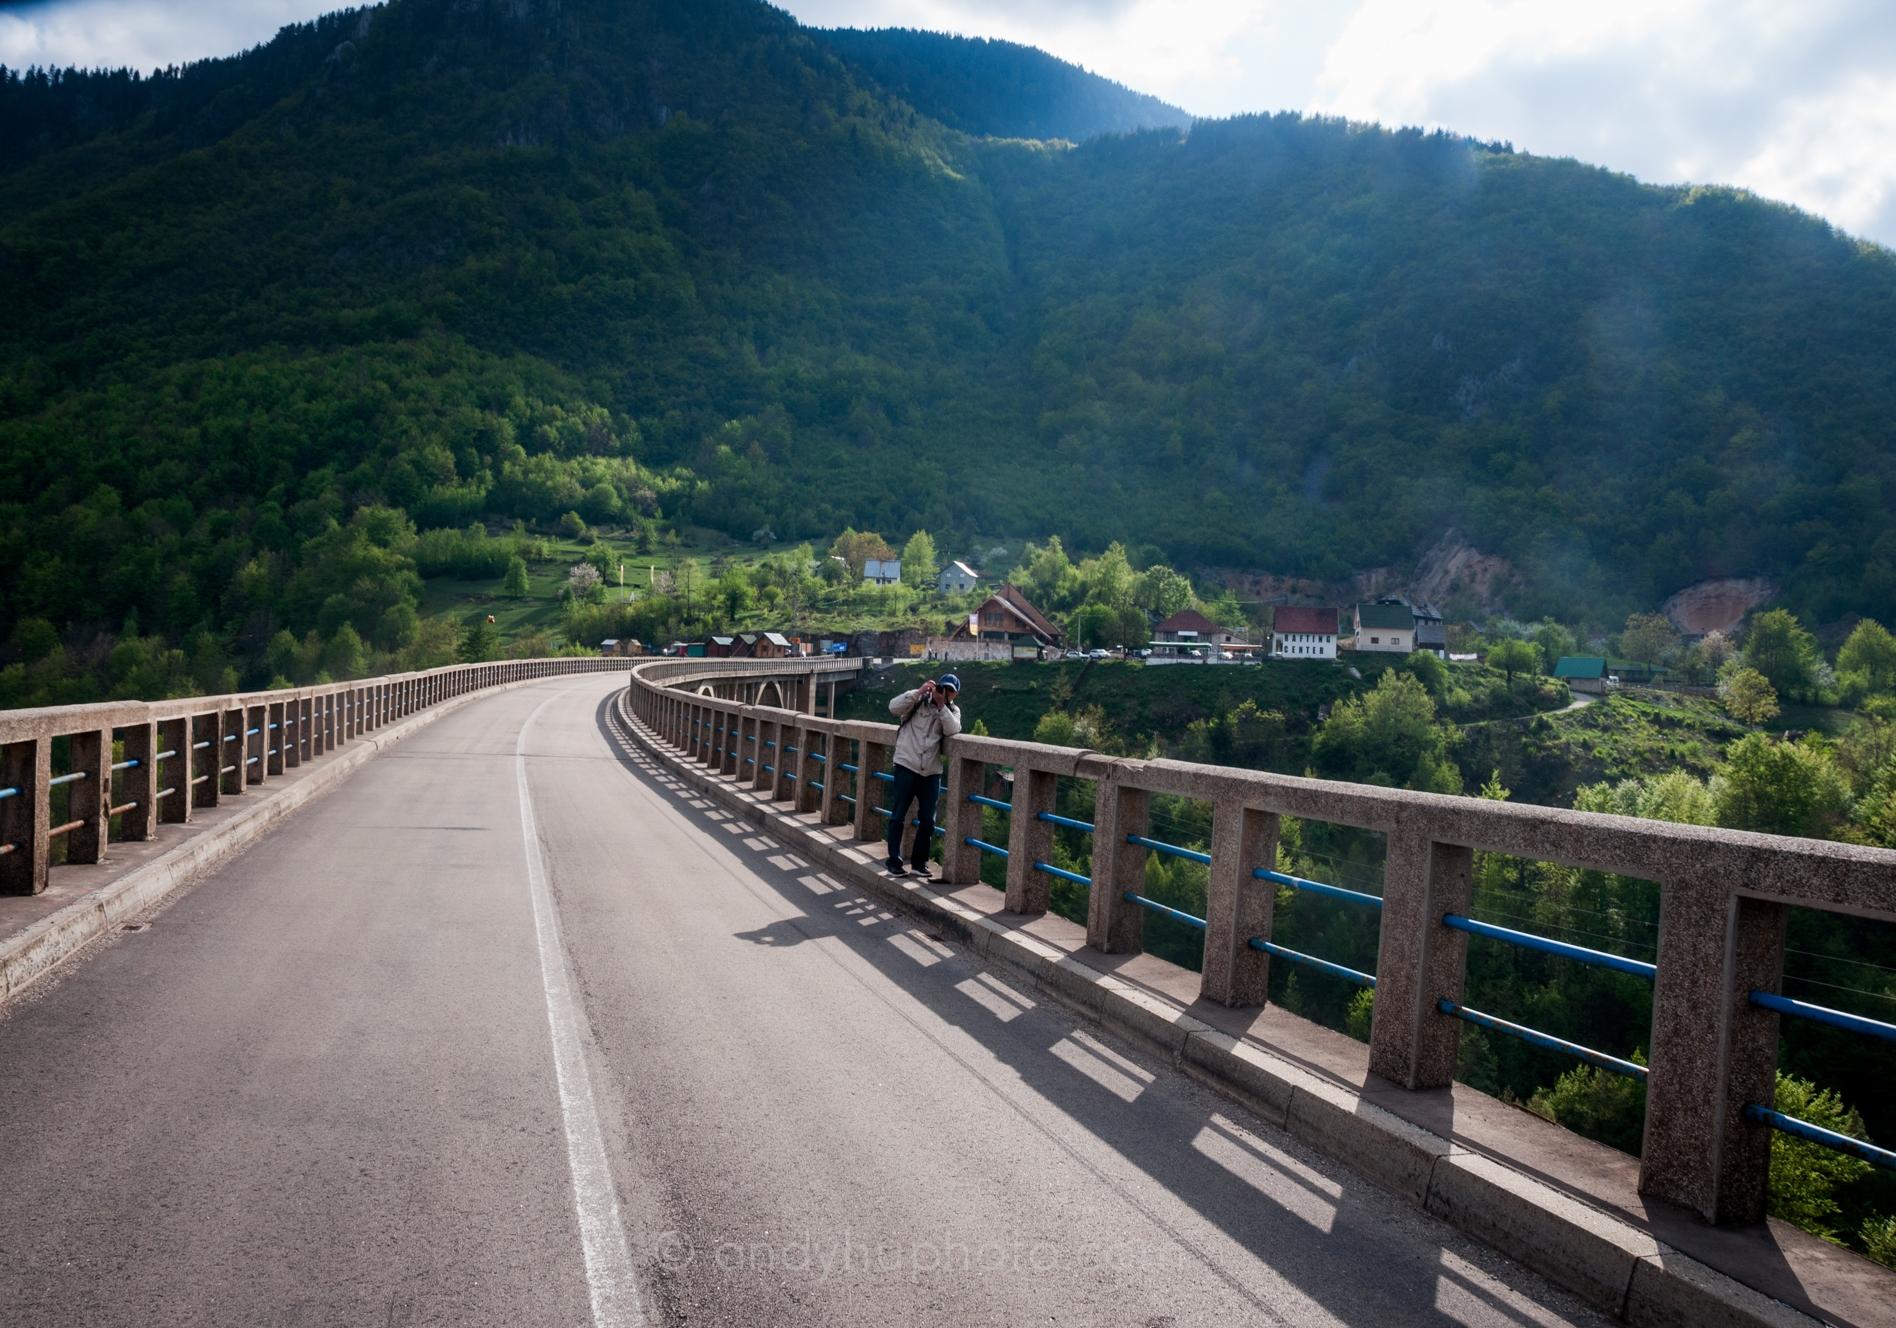 On Tara Bridge